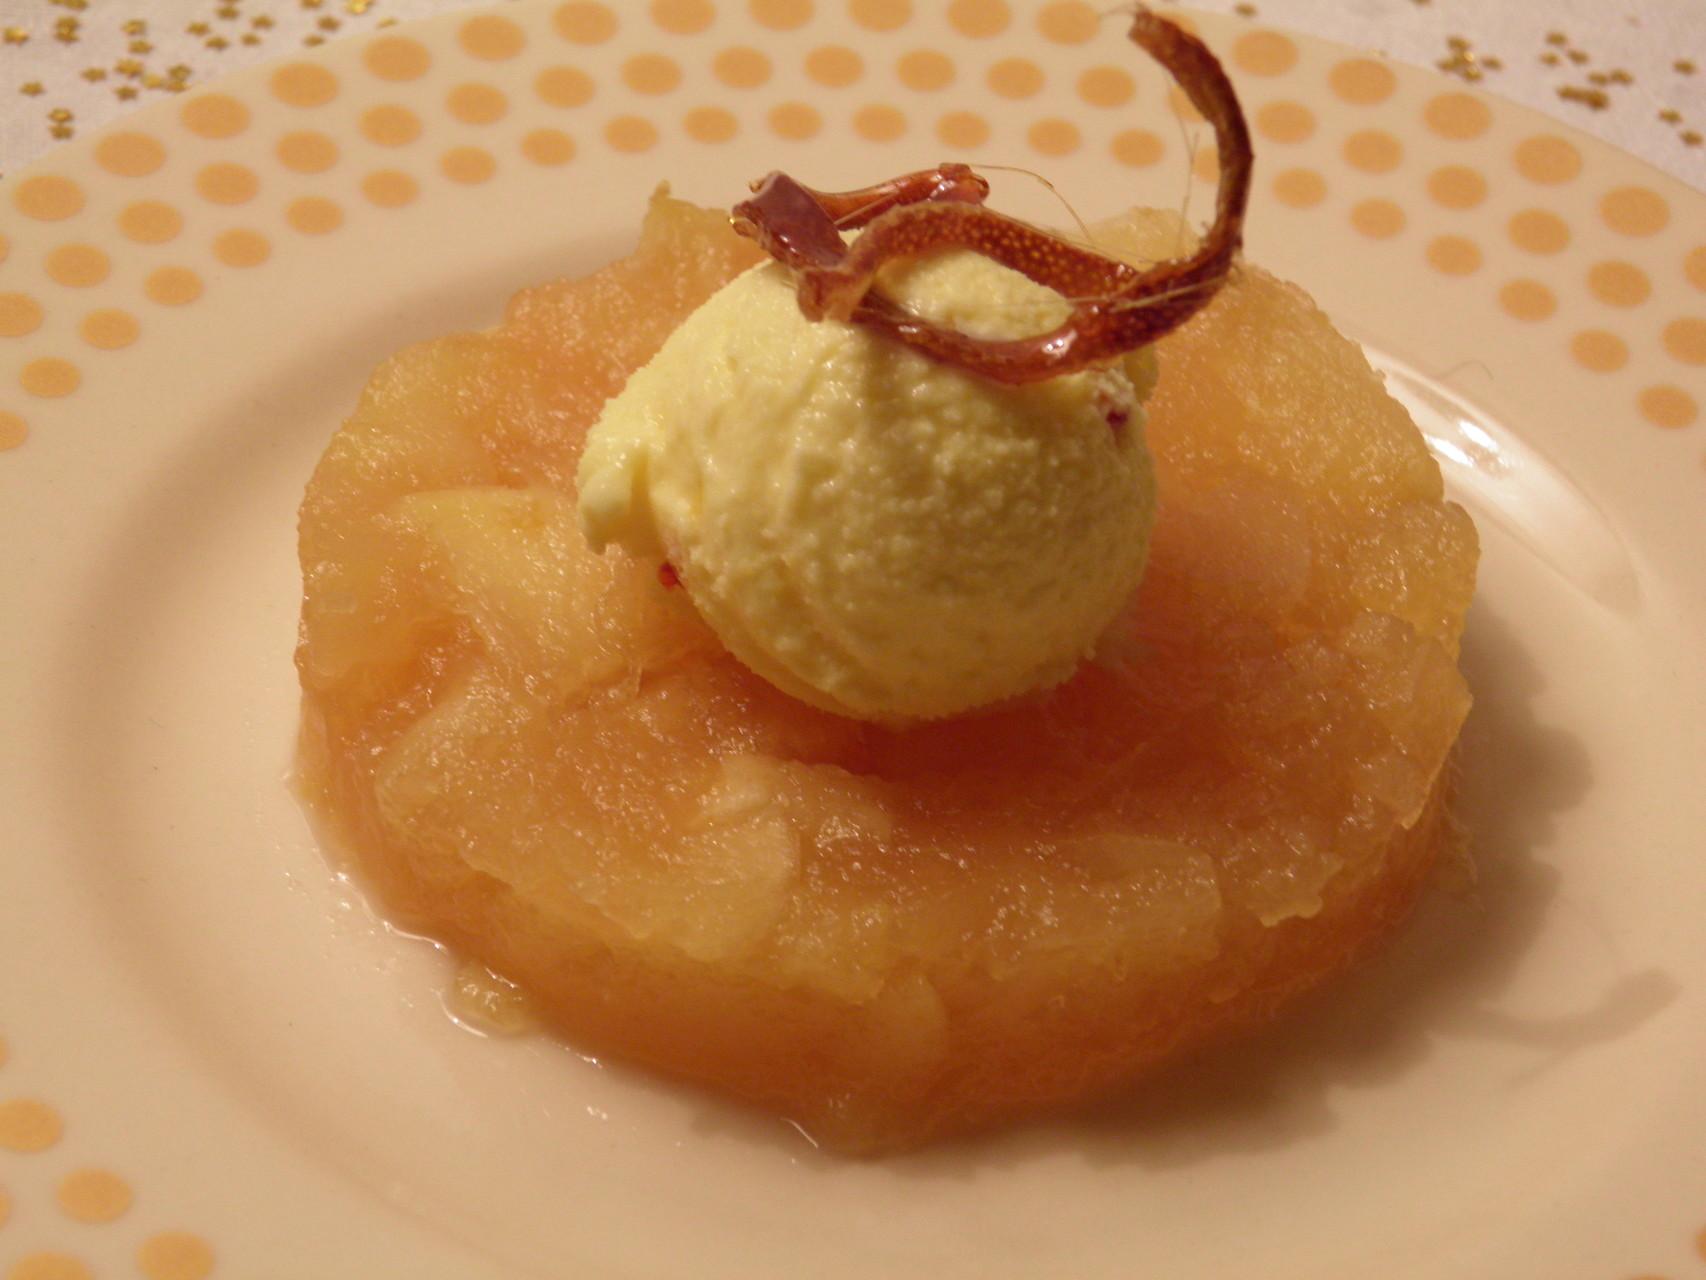 Confit de pommes au citron, Glace au safran